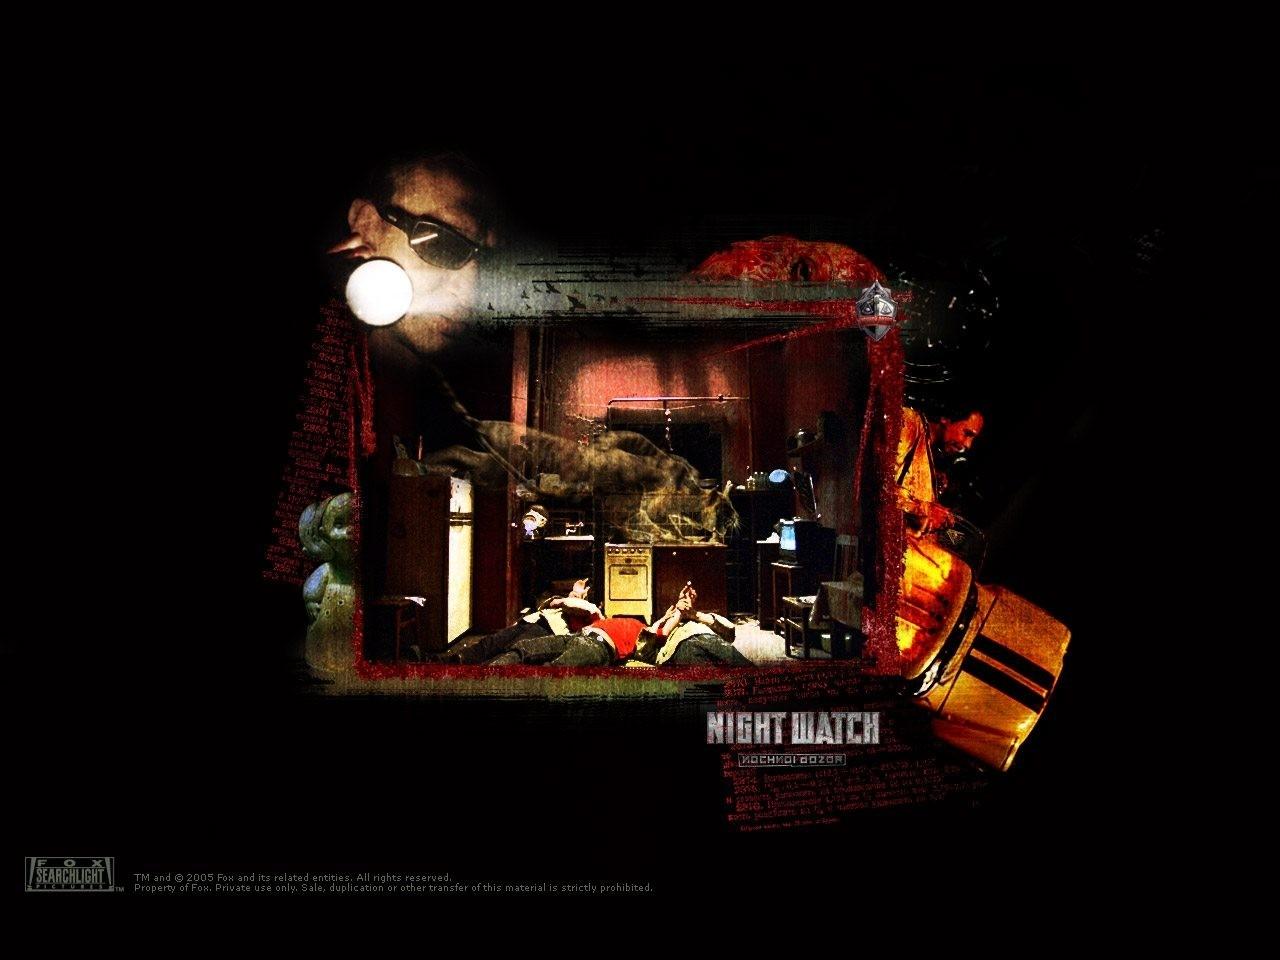 Un wallpaper del film I guardiani della notte (Nochnoj dozor)